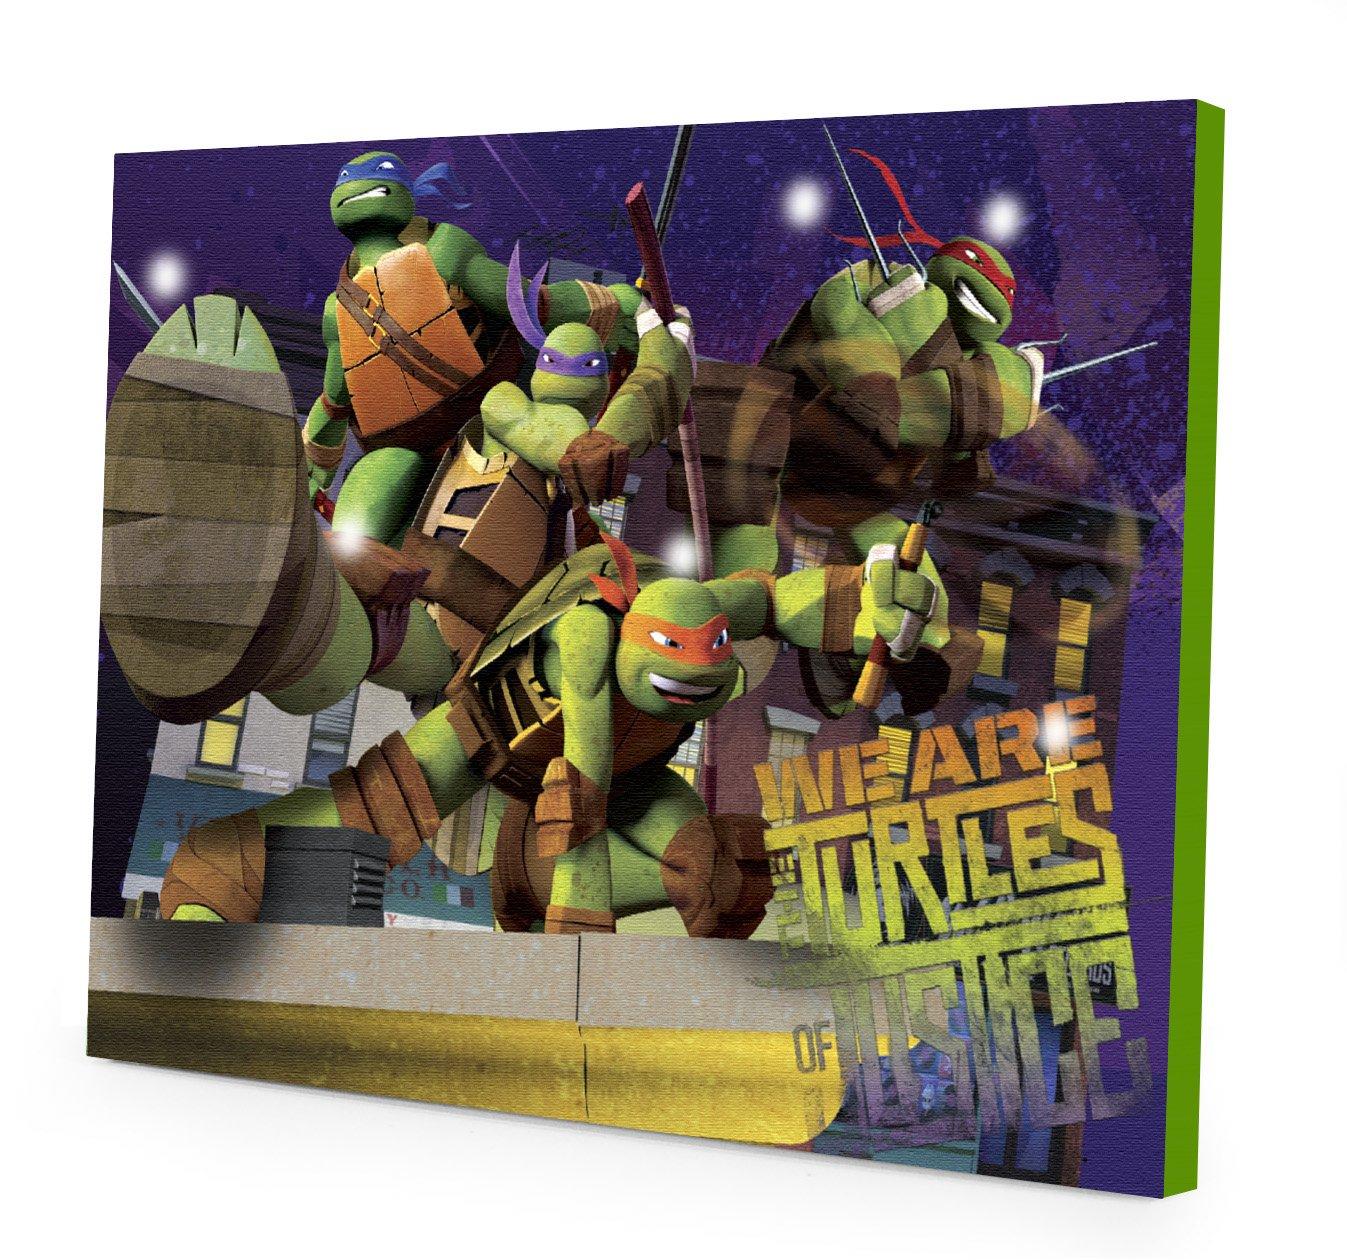 Teenage Mutant Ninja Turtles LED Light Up Canvas Wall Art